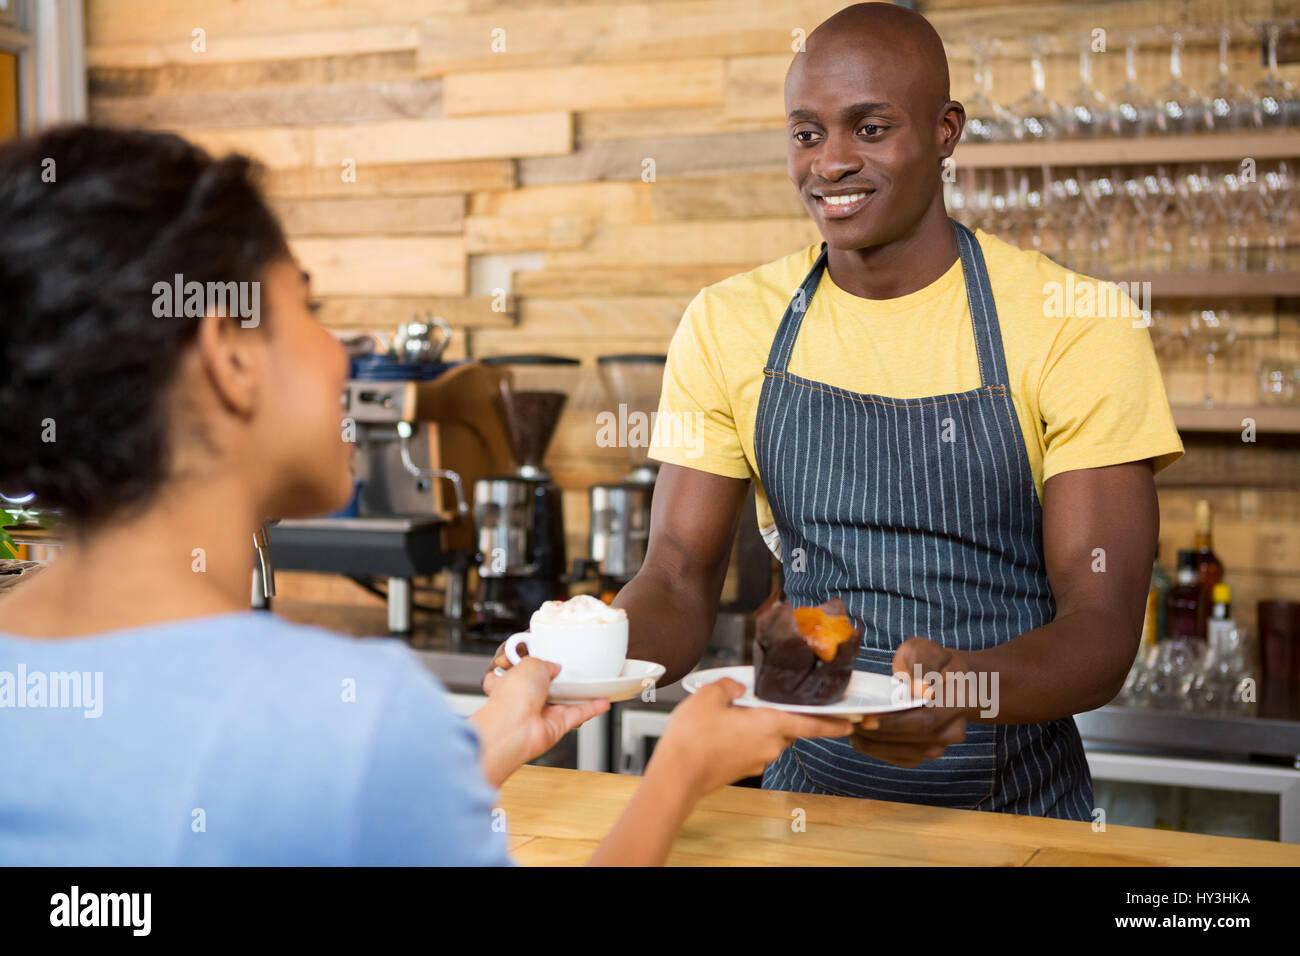 Porträt von männlichen Barista serviert Kaffee und Dessert an weibliche Kunden im café Stockbild